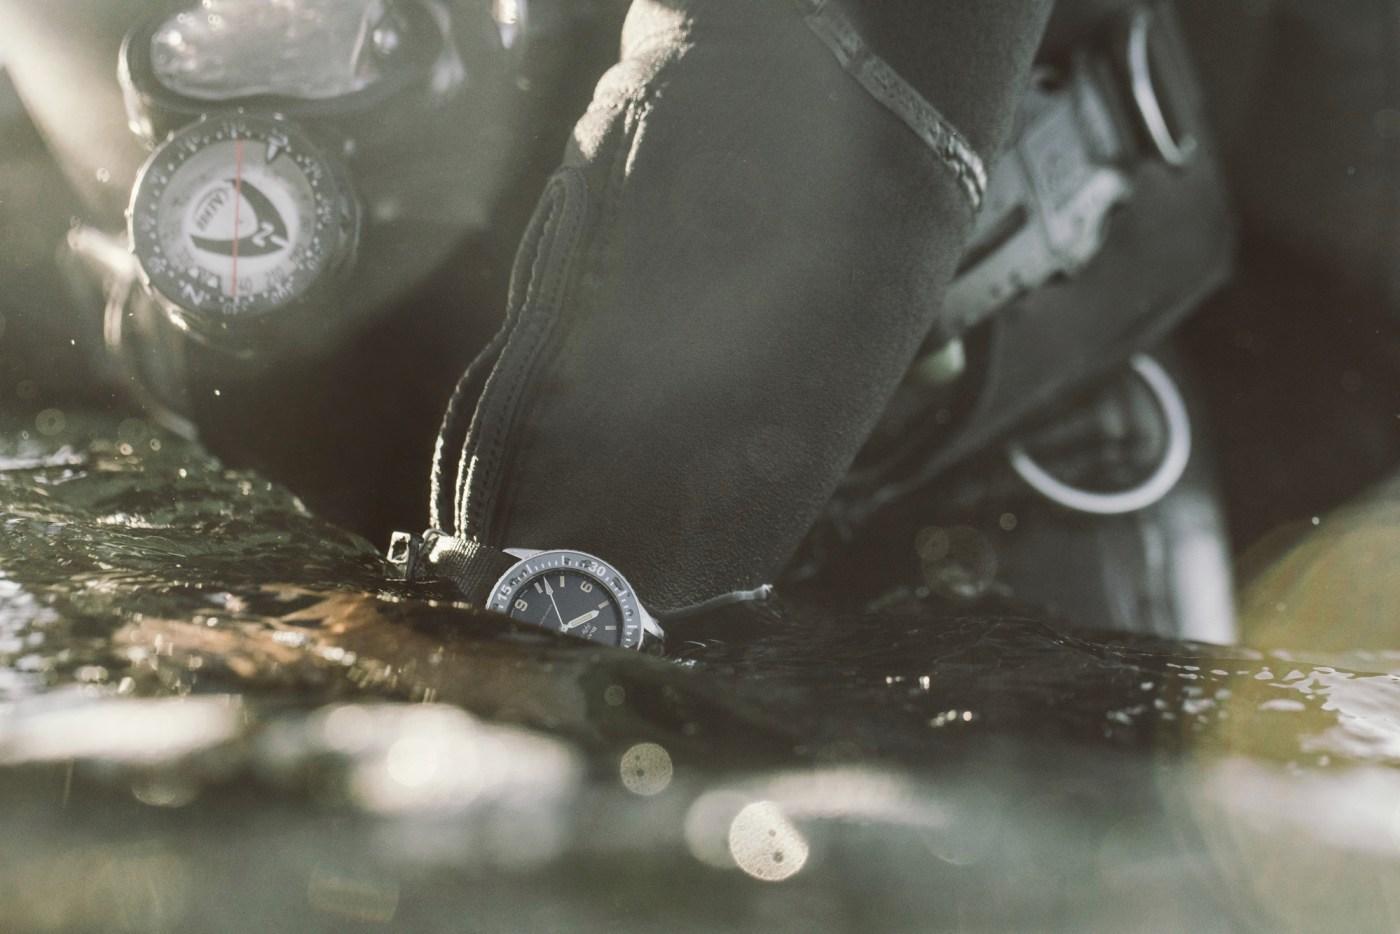 Hodinkee Blancpain diving shot